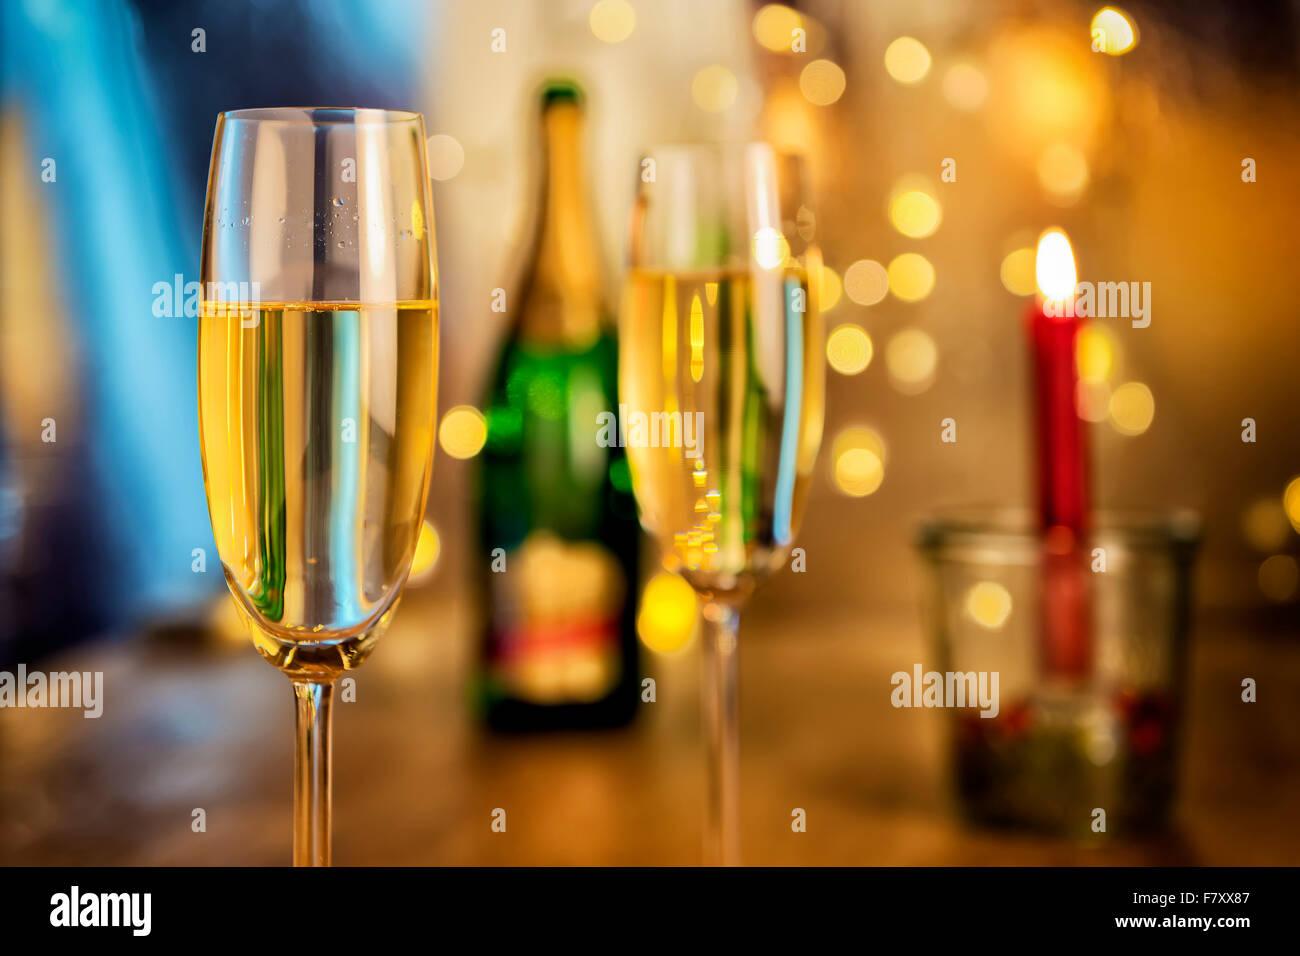 Image de deux verres de champagne avec bouteille, bougie et feux de flou en arrière-plan Photo Stock